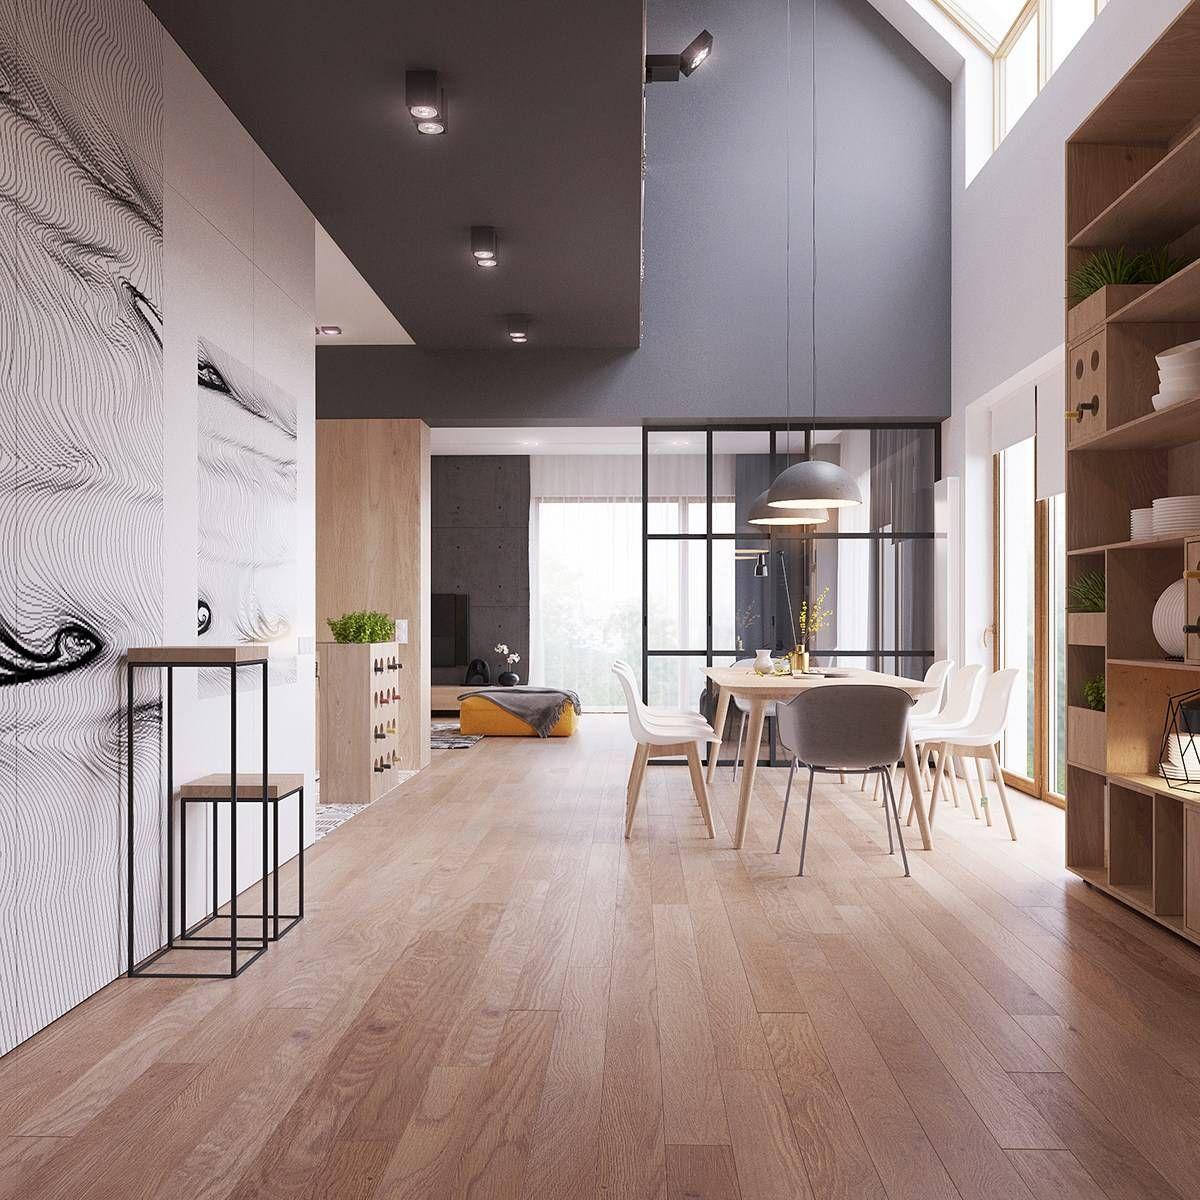 Cucina Open Space Moderna originale appartamento stile scandinavo moderno. design